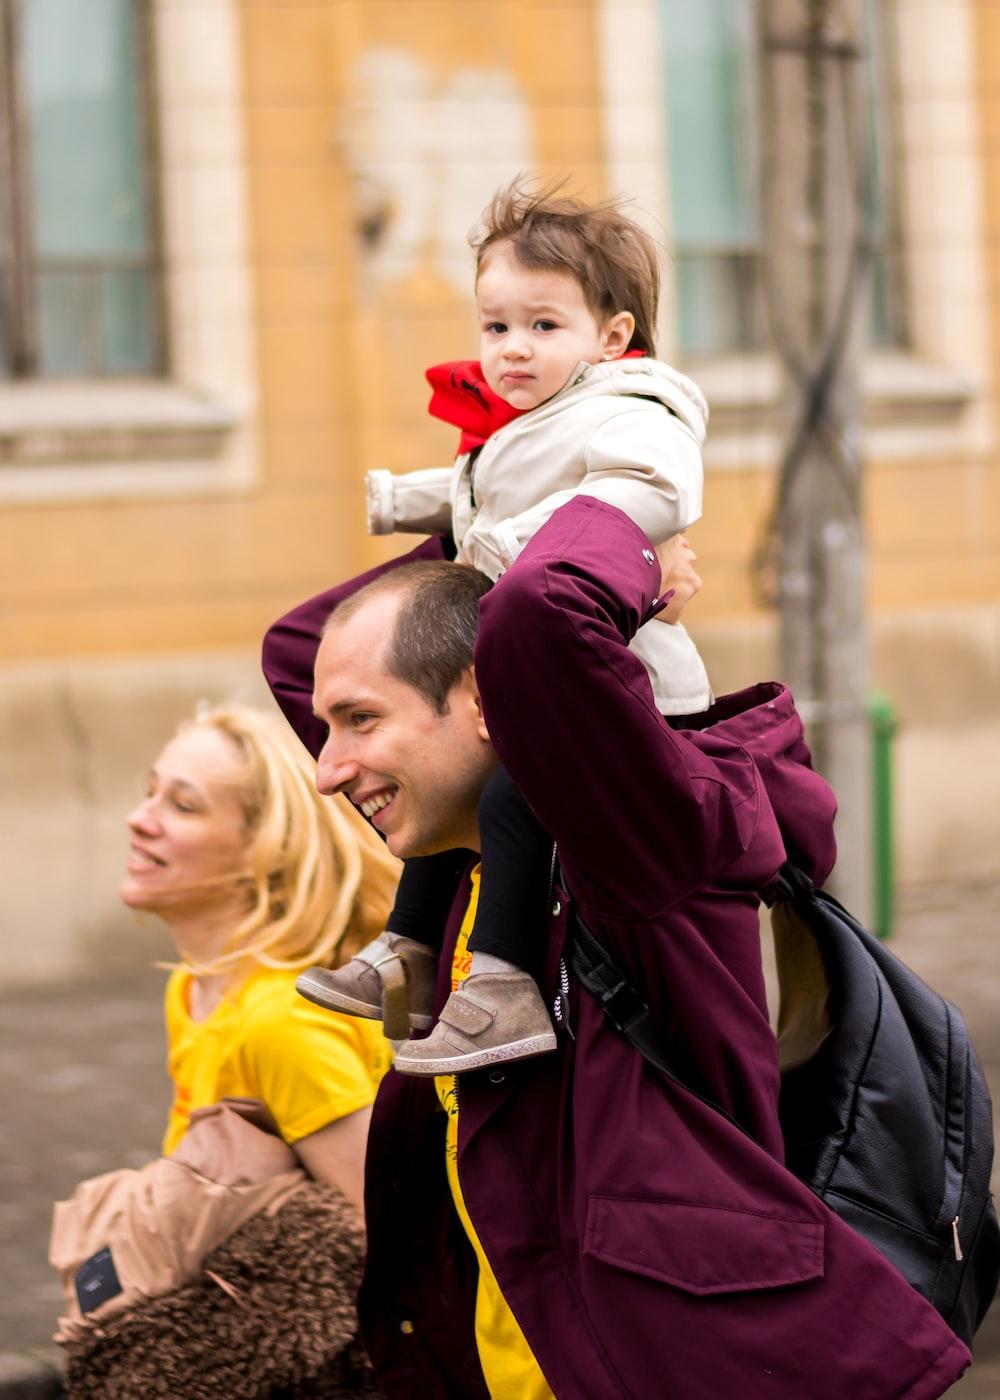 smiling man carrying toddler beside smiling woman